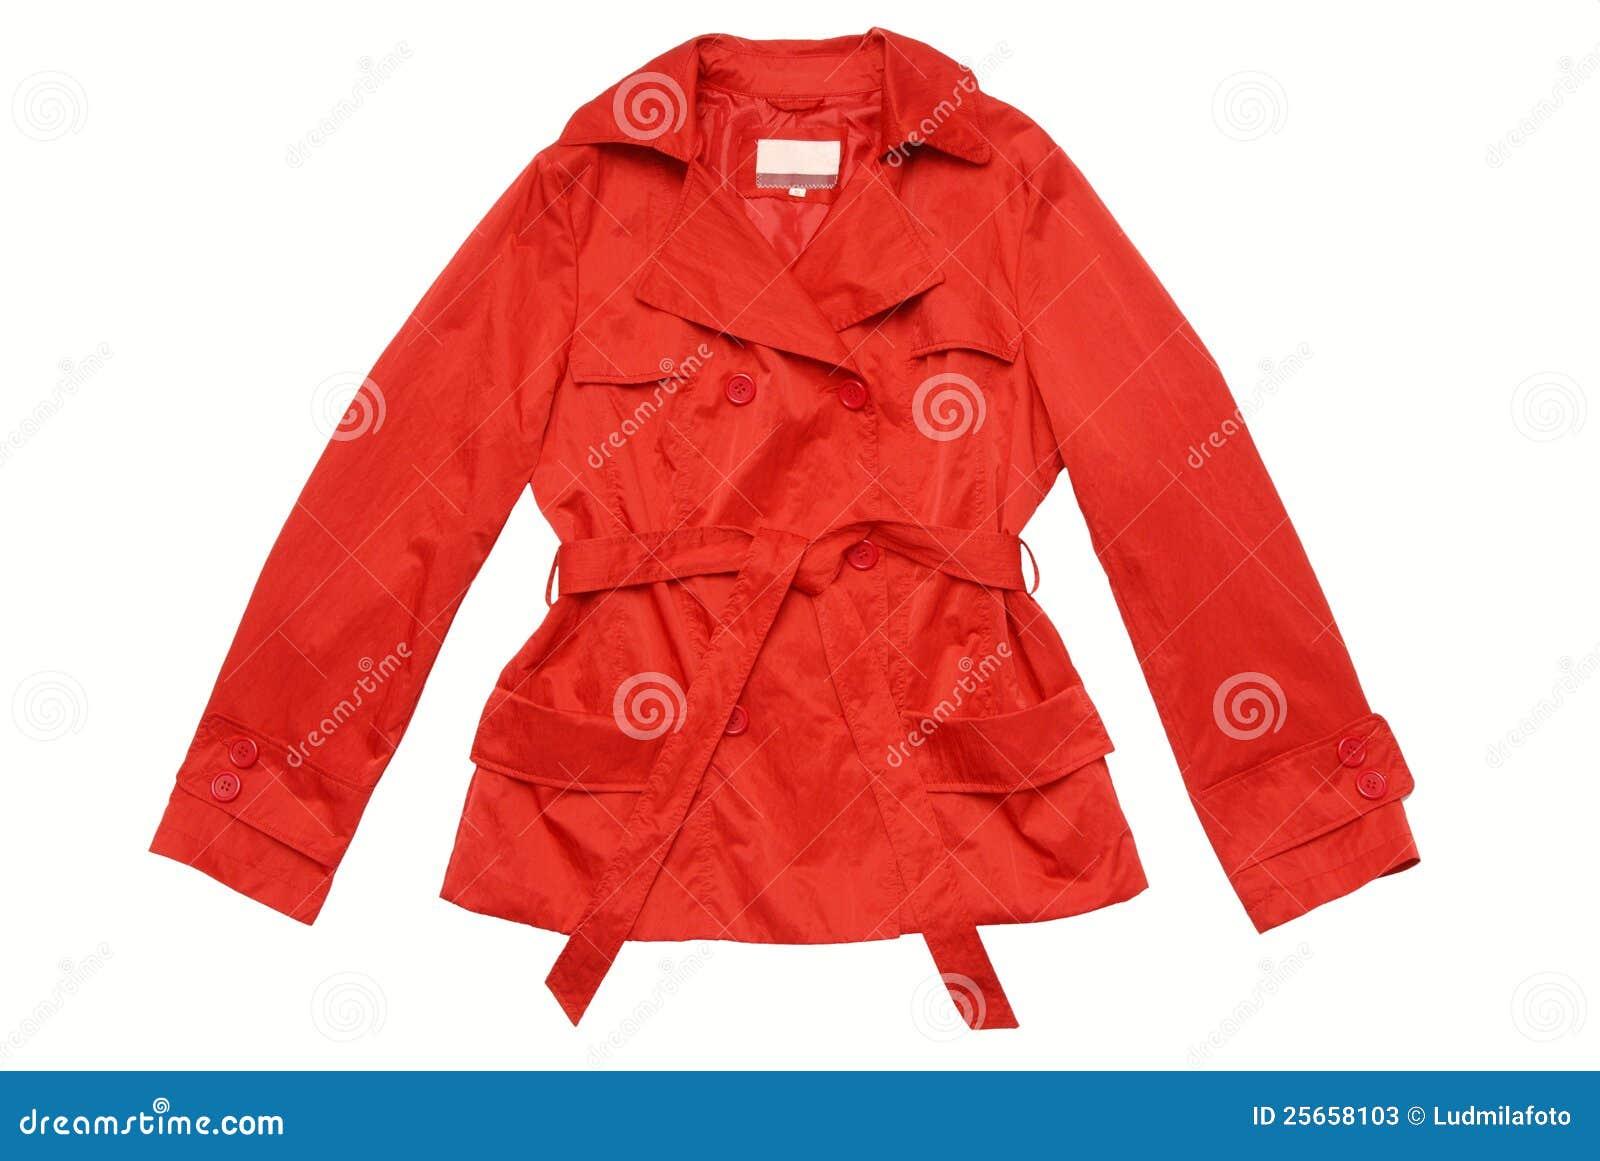 Red Coat / Jacket / Raincoat Isolated. Stock Photos - Image: 25658103